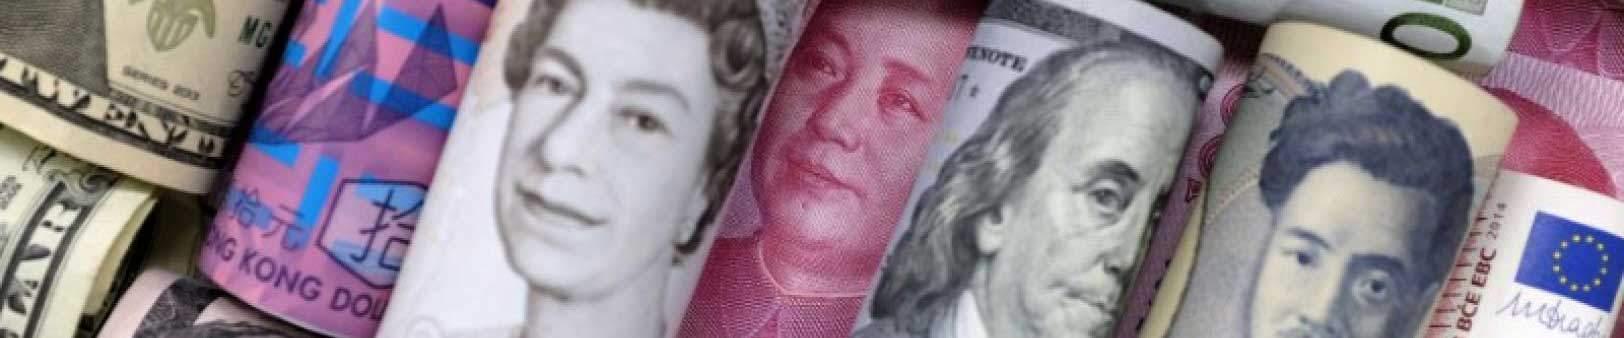 money-in-los-cabos